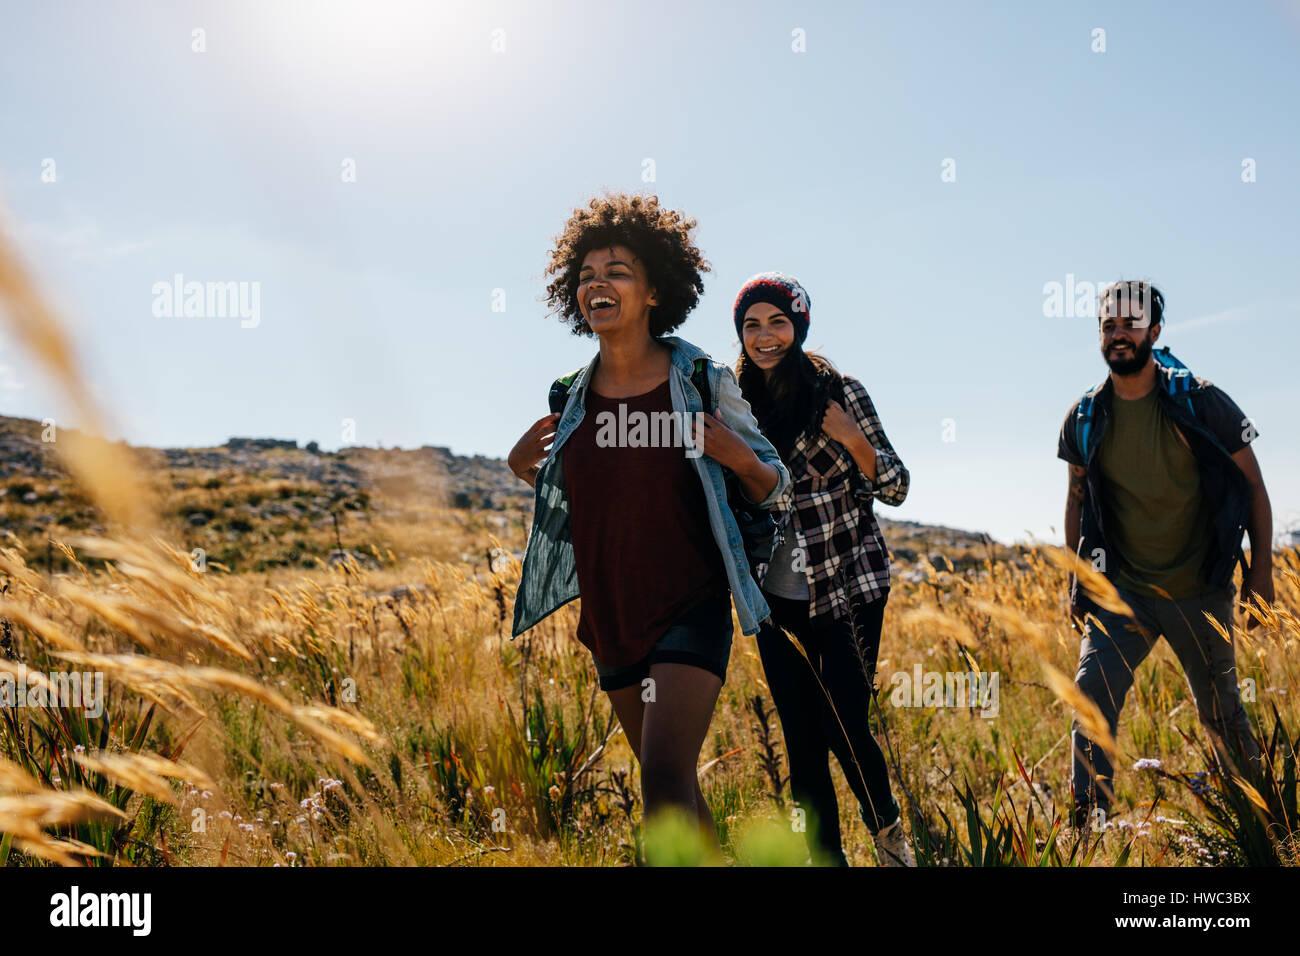 Grupo de Amigos de paseo por la campiña juntos. Feliz de hombres y mujeres jóvenes senderismo juntos en Imagen De Stock